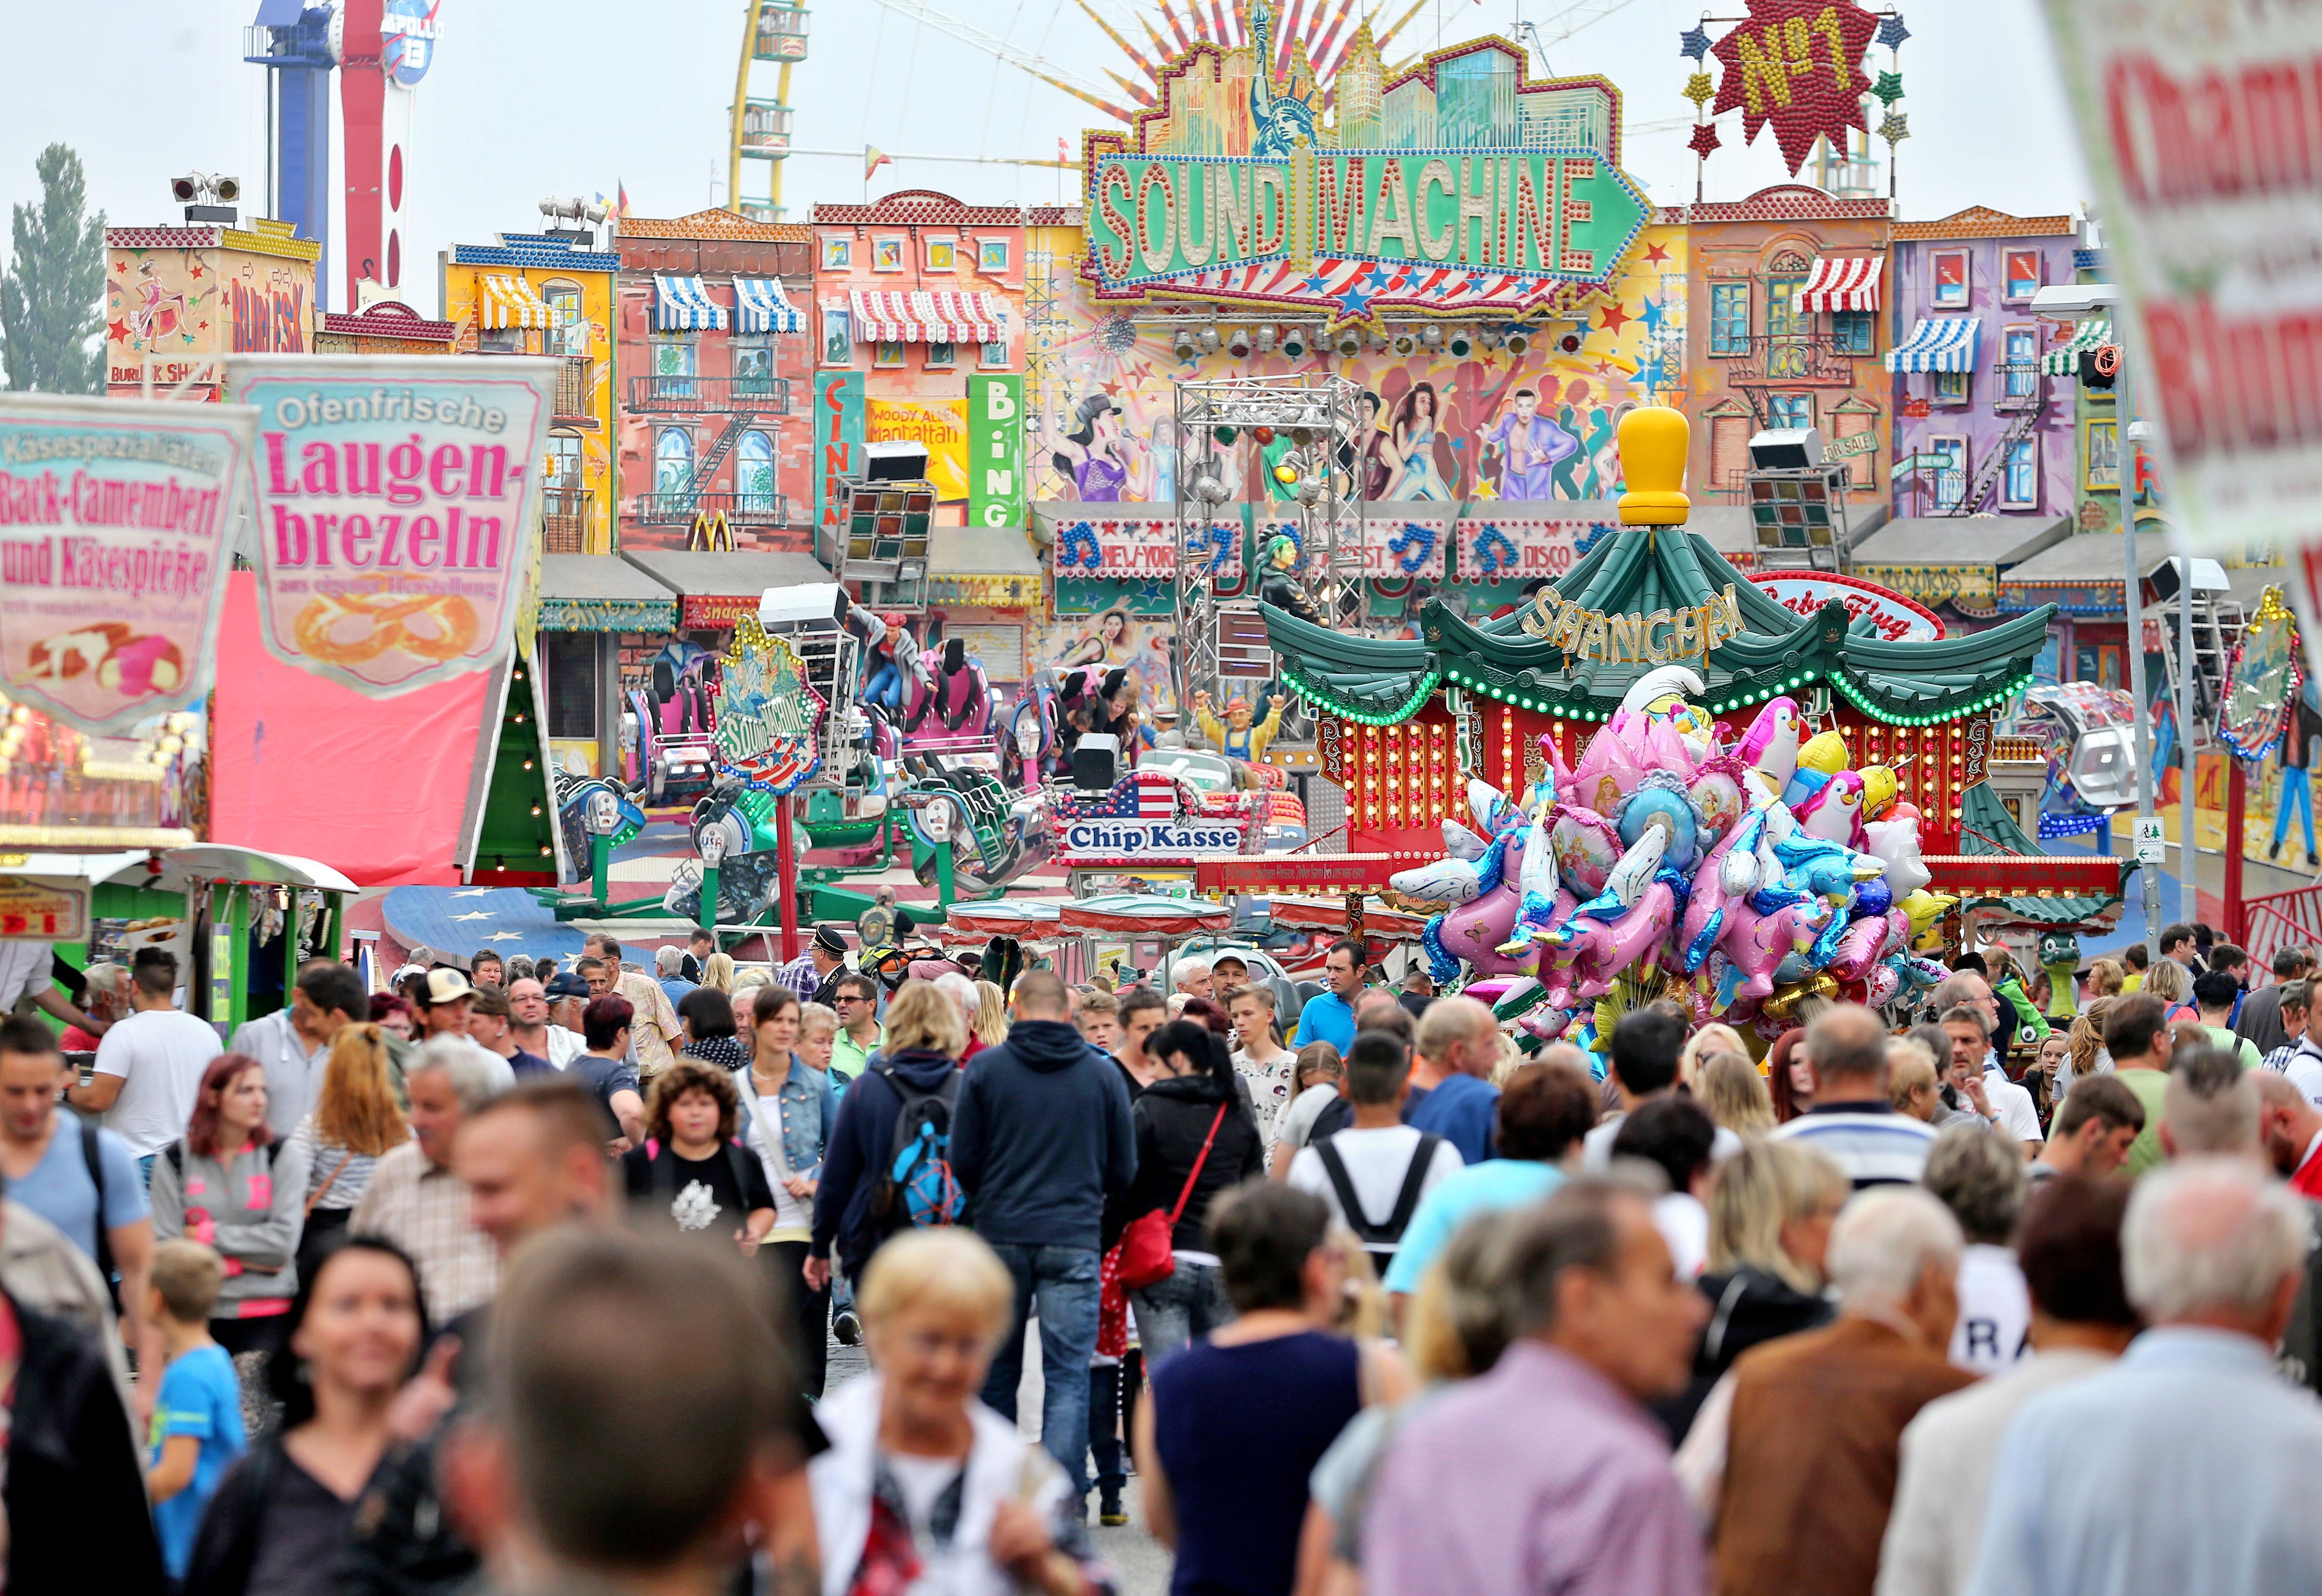 """Eisleber Wiesenmarkt und """"Kleine Wiese"""": Mit Festumzug, Rummel, Markttreiben, Bauernmarkt, Bühnenprogramm im Festzelt, Ballonglühen, dem Maskottchen Wiesi und einem riesigen Publikum ist die mehrtägige Veranstaltung laut Organisatoren das größte Volksfest in Mitteldeutschland.FOTOS: DPA/JAN WOITAS (2); MZ-ARCHIV/LUKASCHEK"""